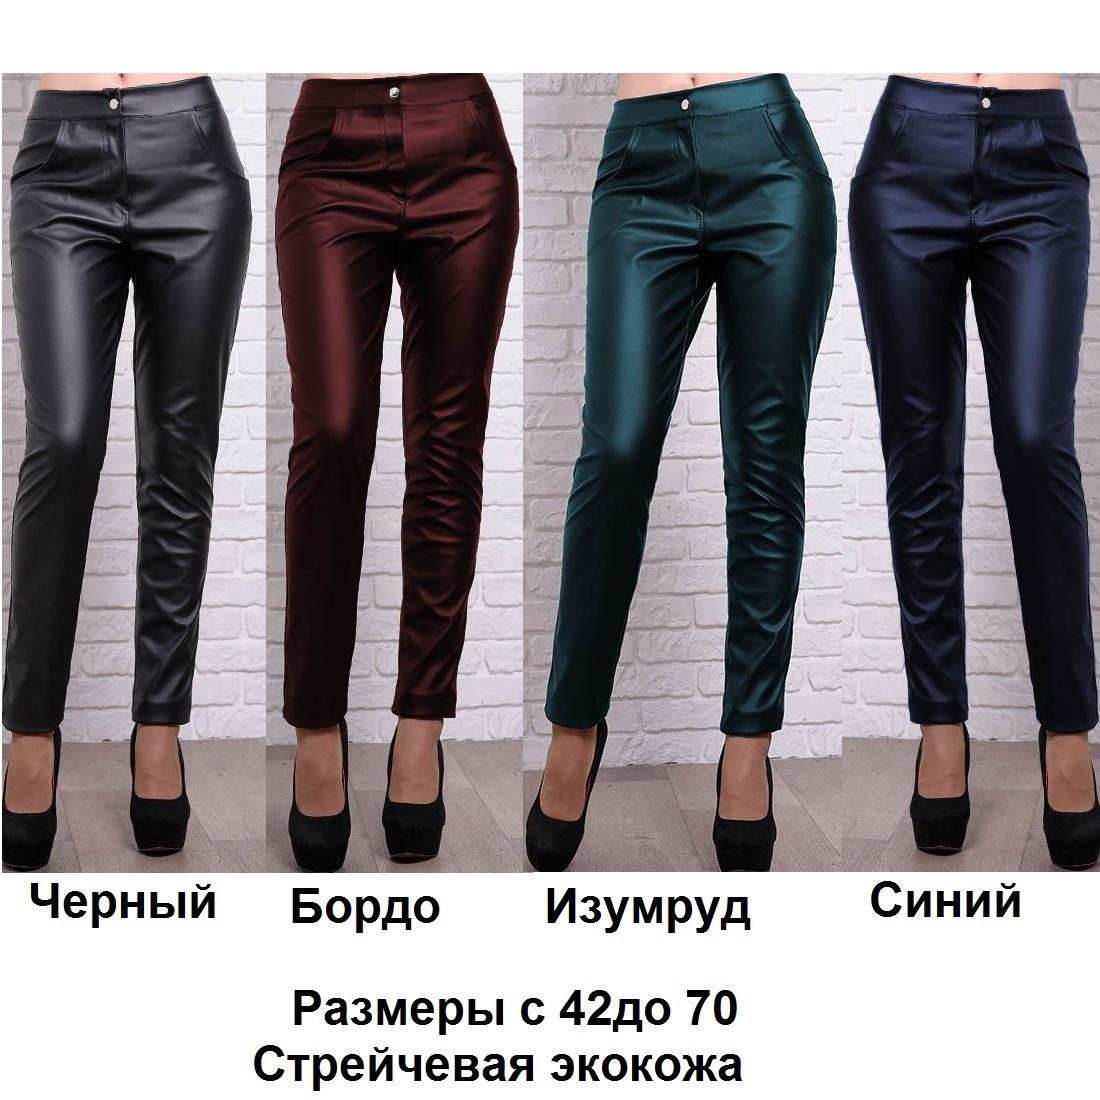 Кожаные женские брюки норма и большие размеры (с 42 по 70)